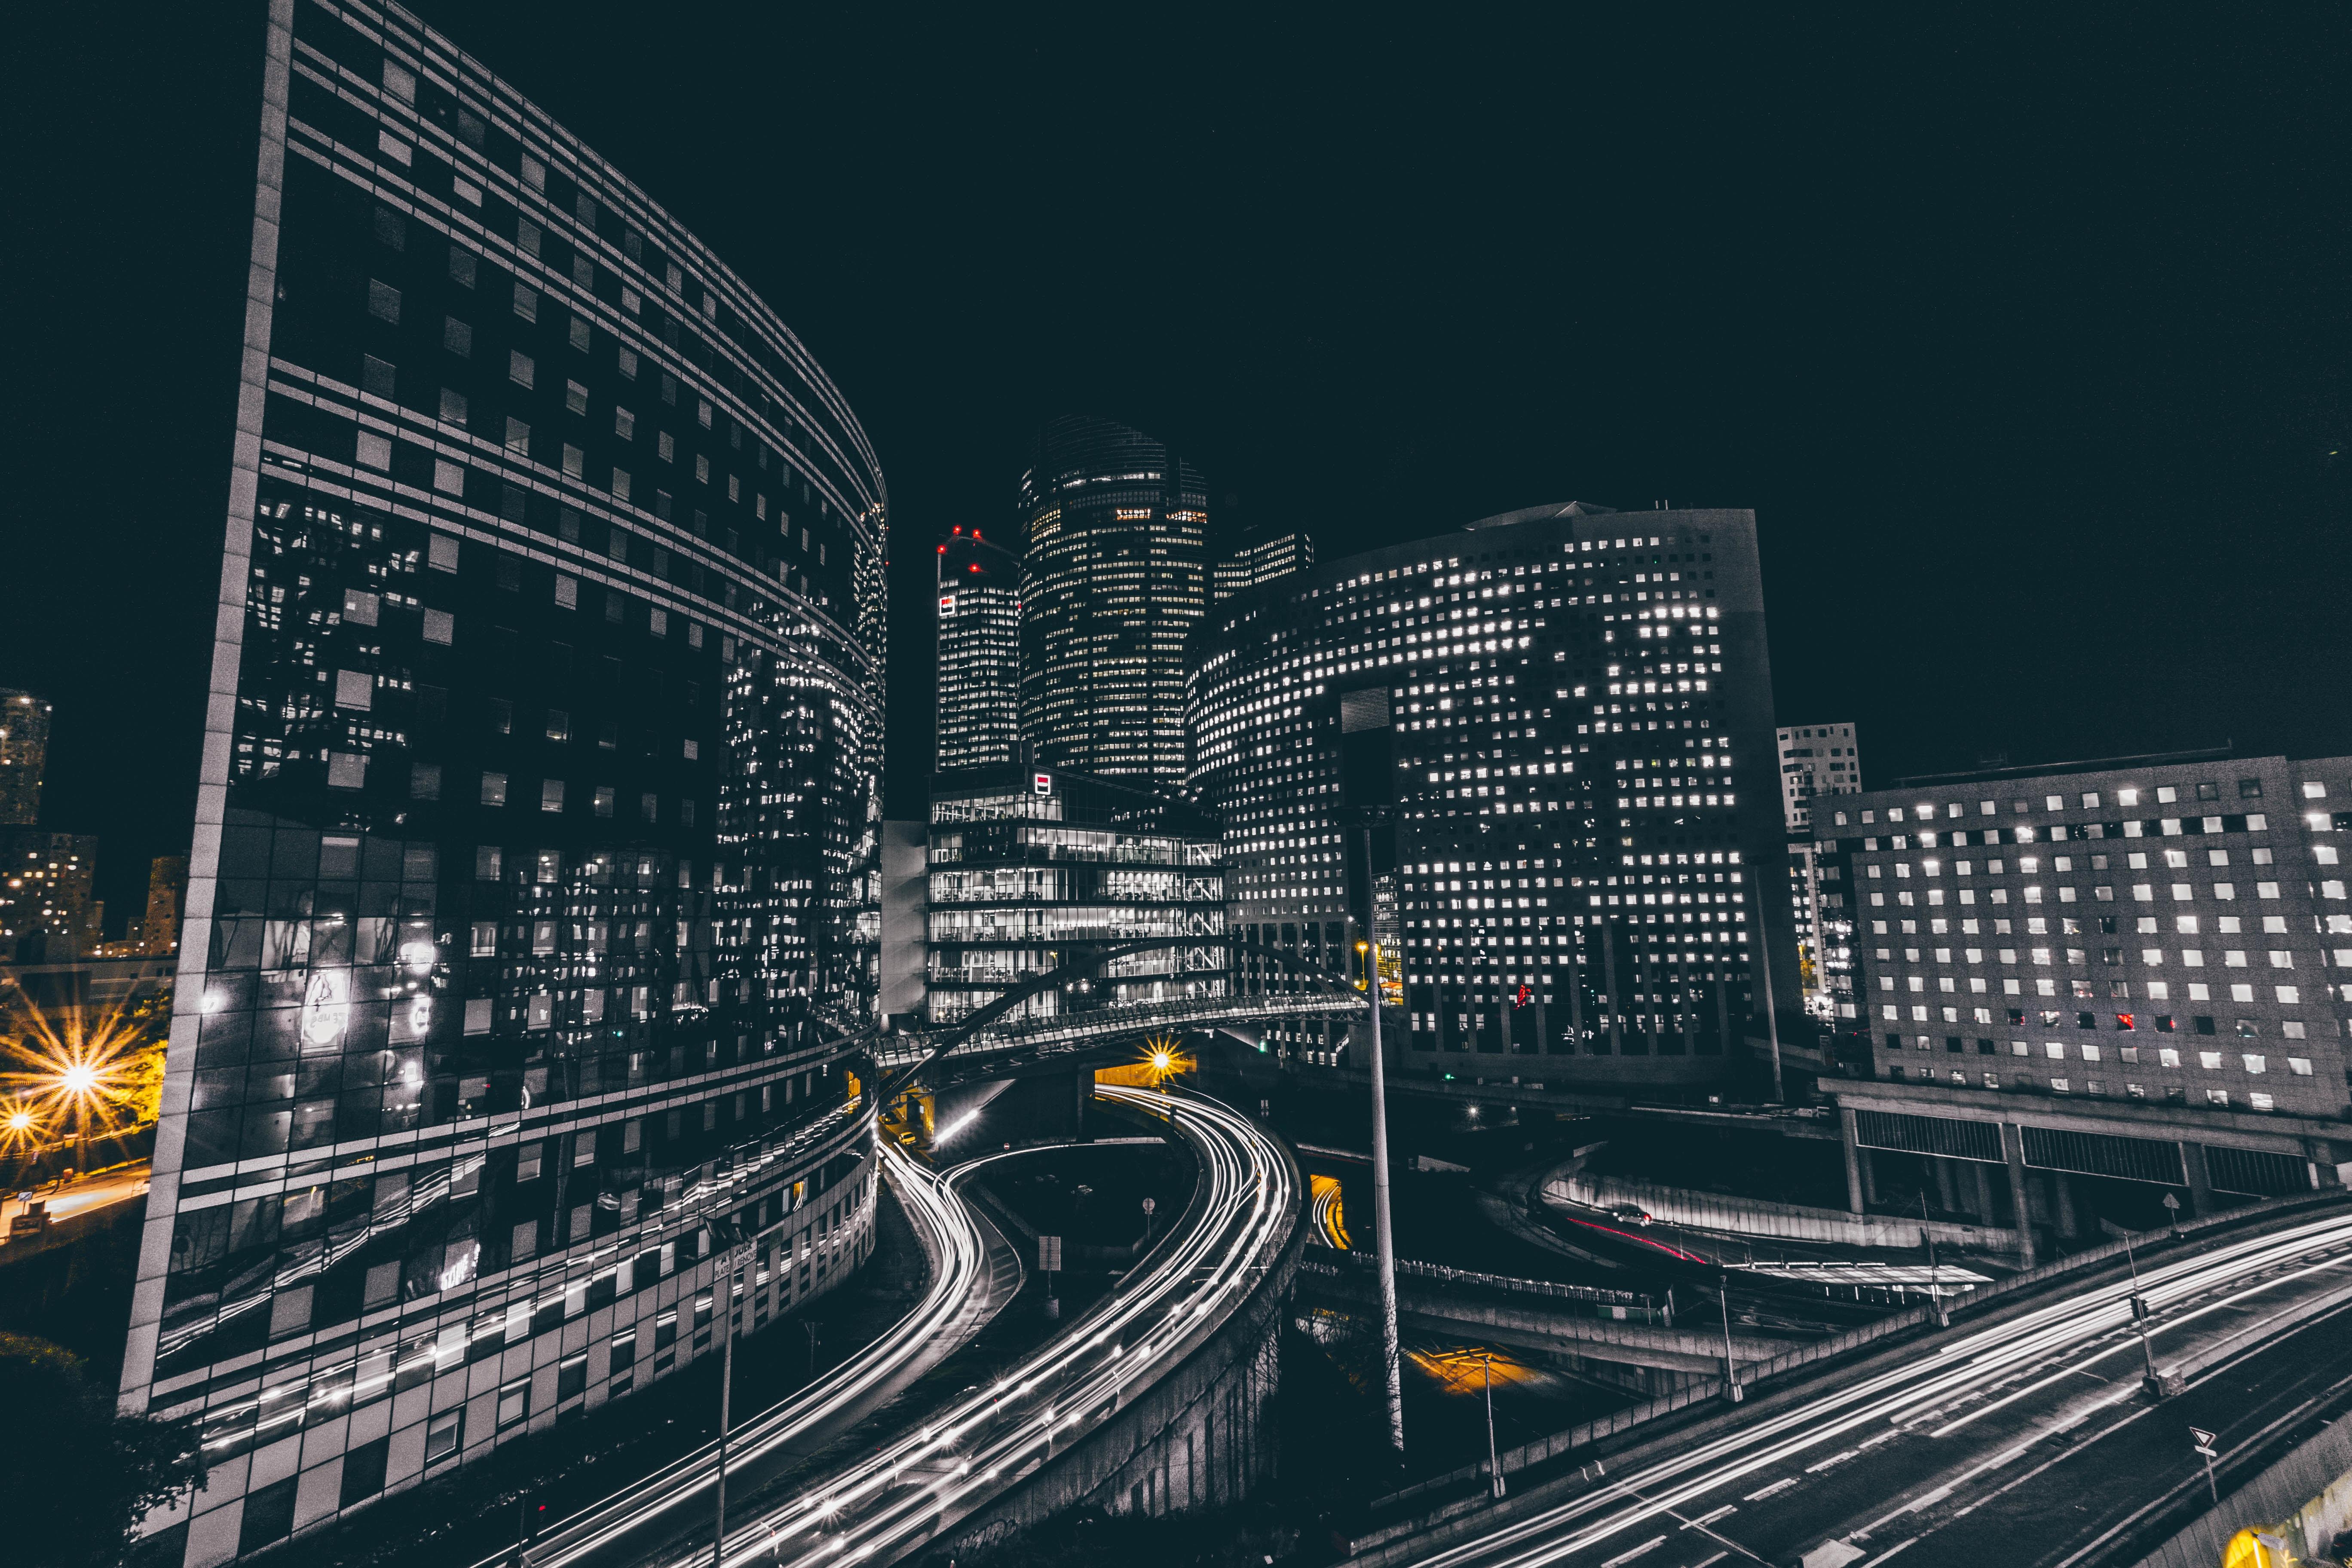 126964 Hintergrundbild herunterladen Städte, Roads, Gebäude, Nächtliche Stadt, Night City, Frankreich, Verteidigung - Bildschirmschoner und Bilder kostenlos